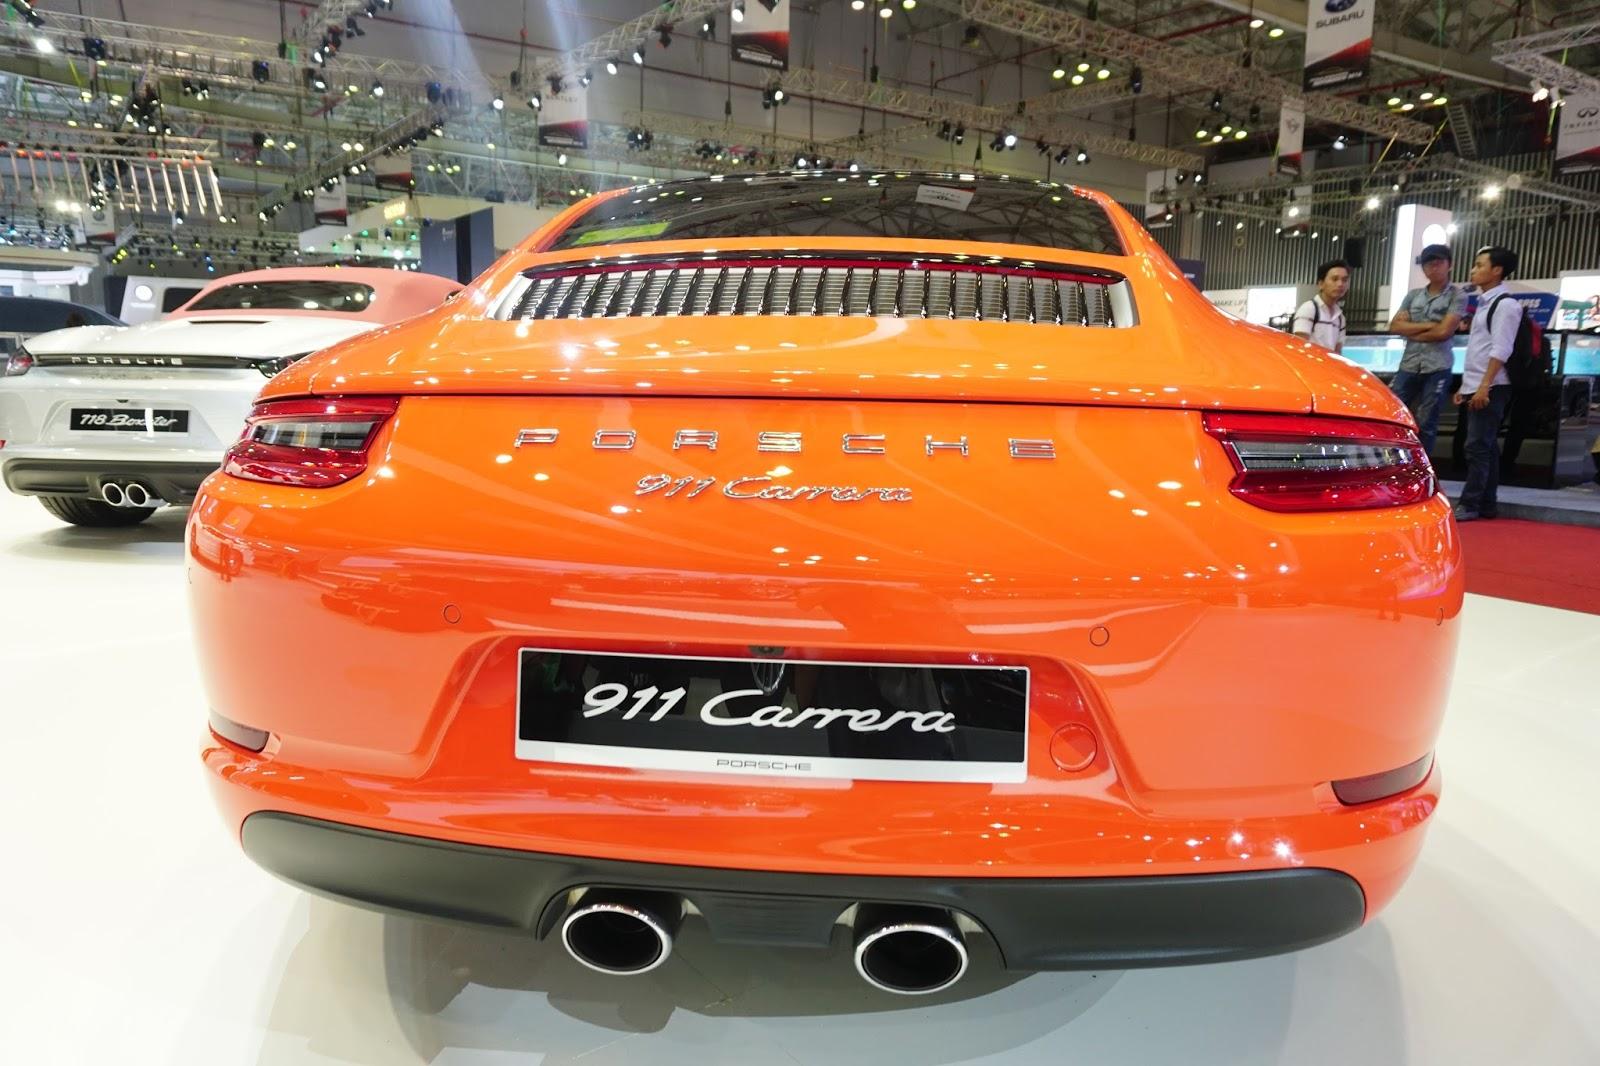 Đuôi xe của Porsche 911 Carrera trông rất đầy đặn, cá tính